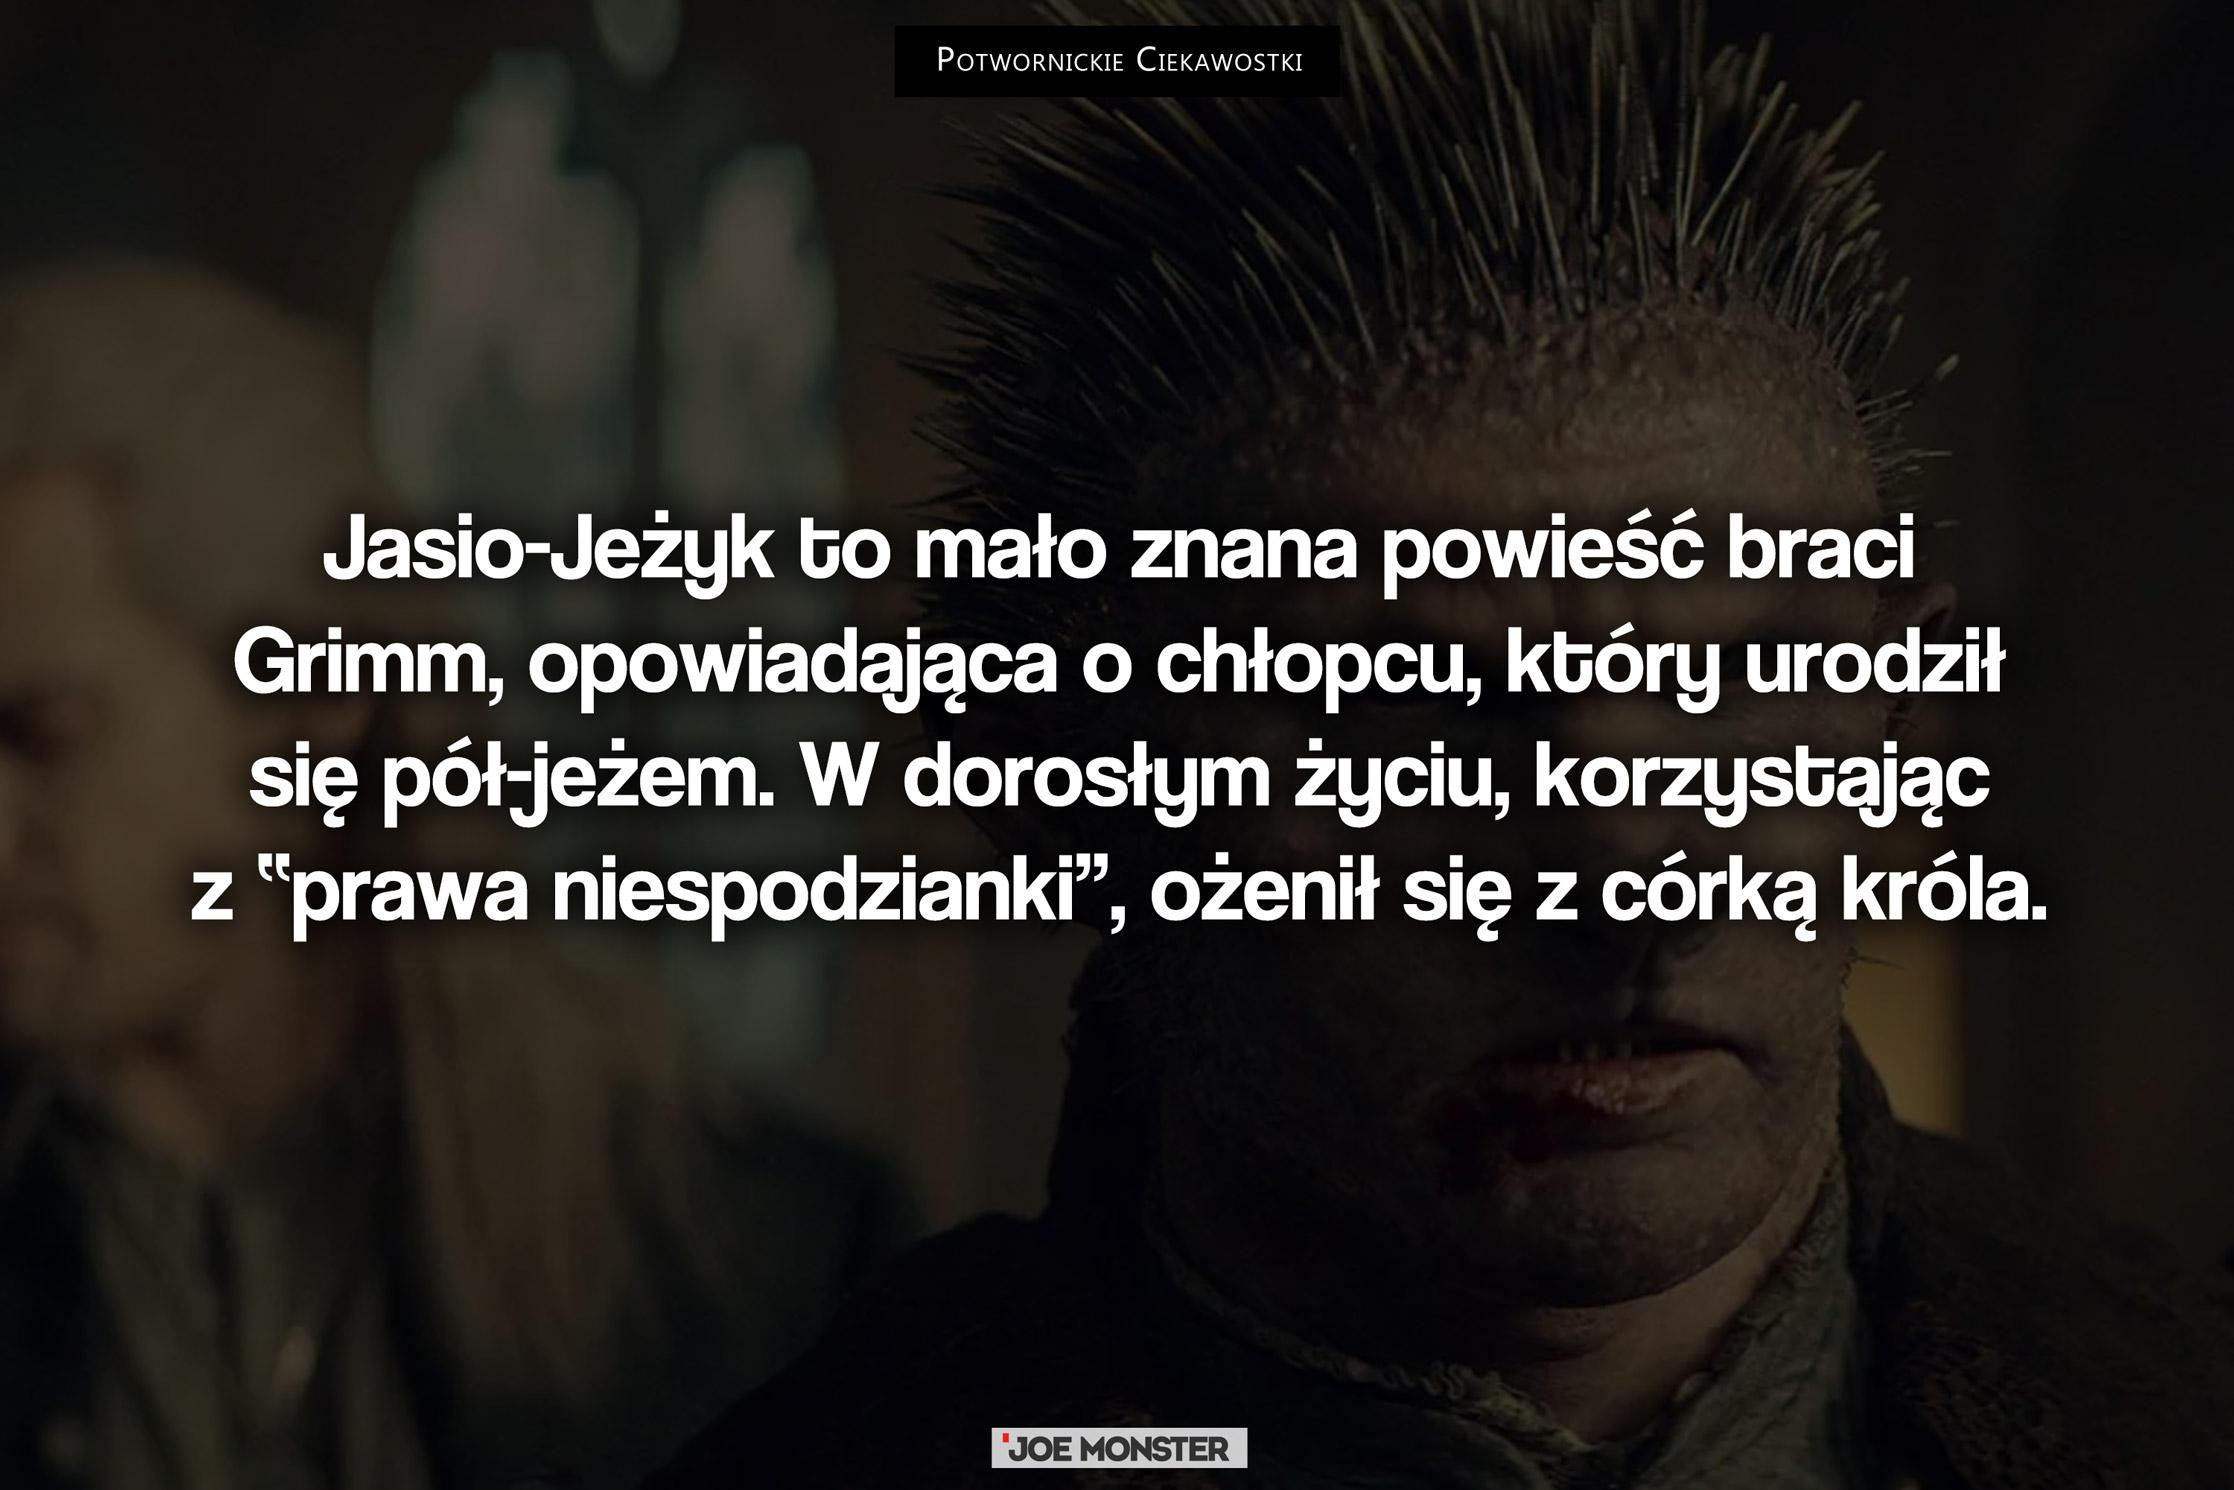 Jasio-Jeżyk to mało znana powieść braci Grimm, opowiadająca o chłopcu, który urodził się pół-jeżem.